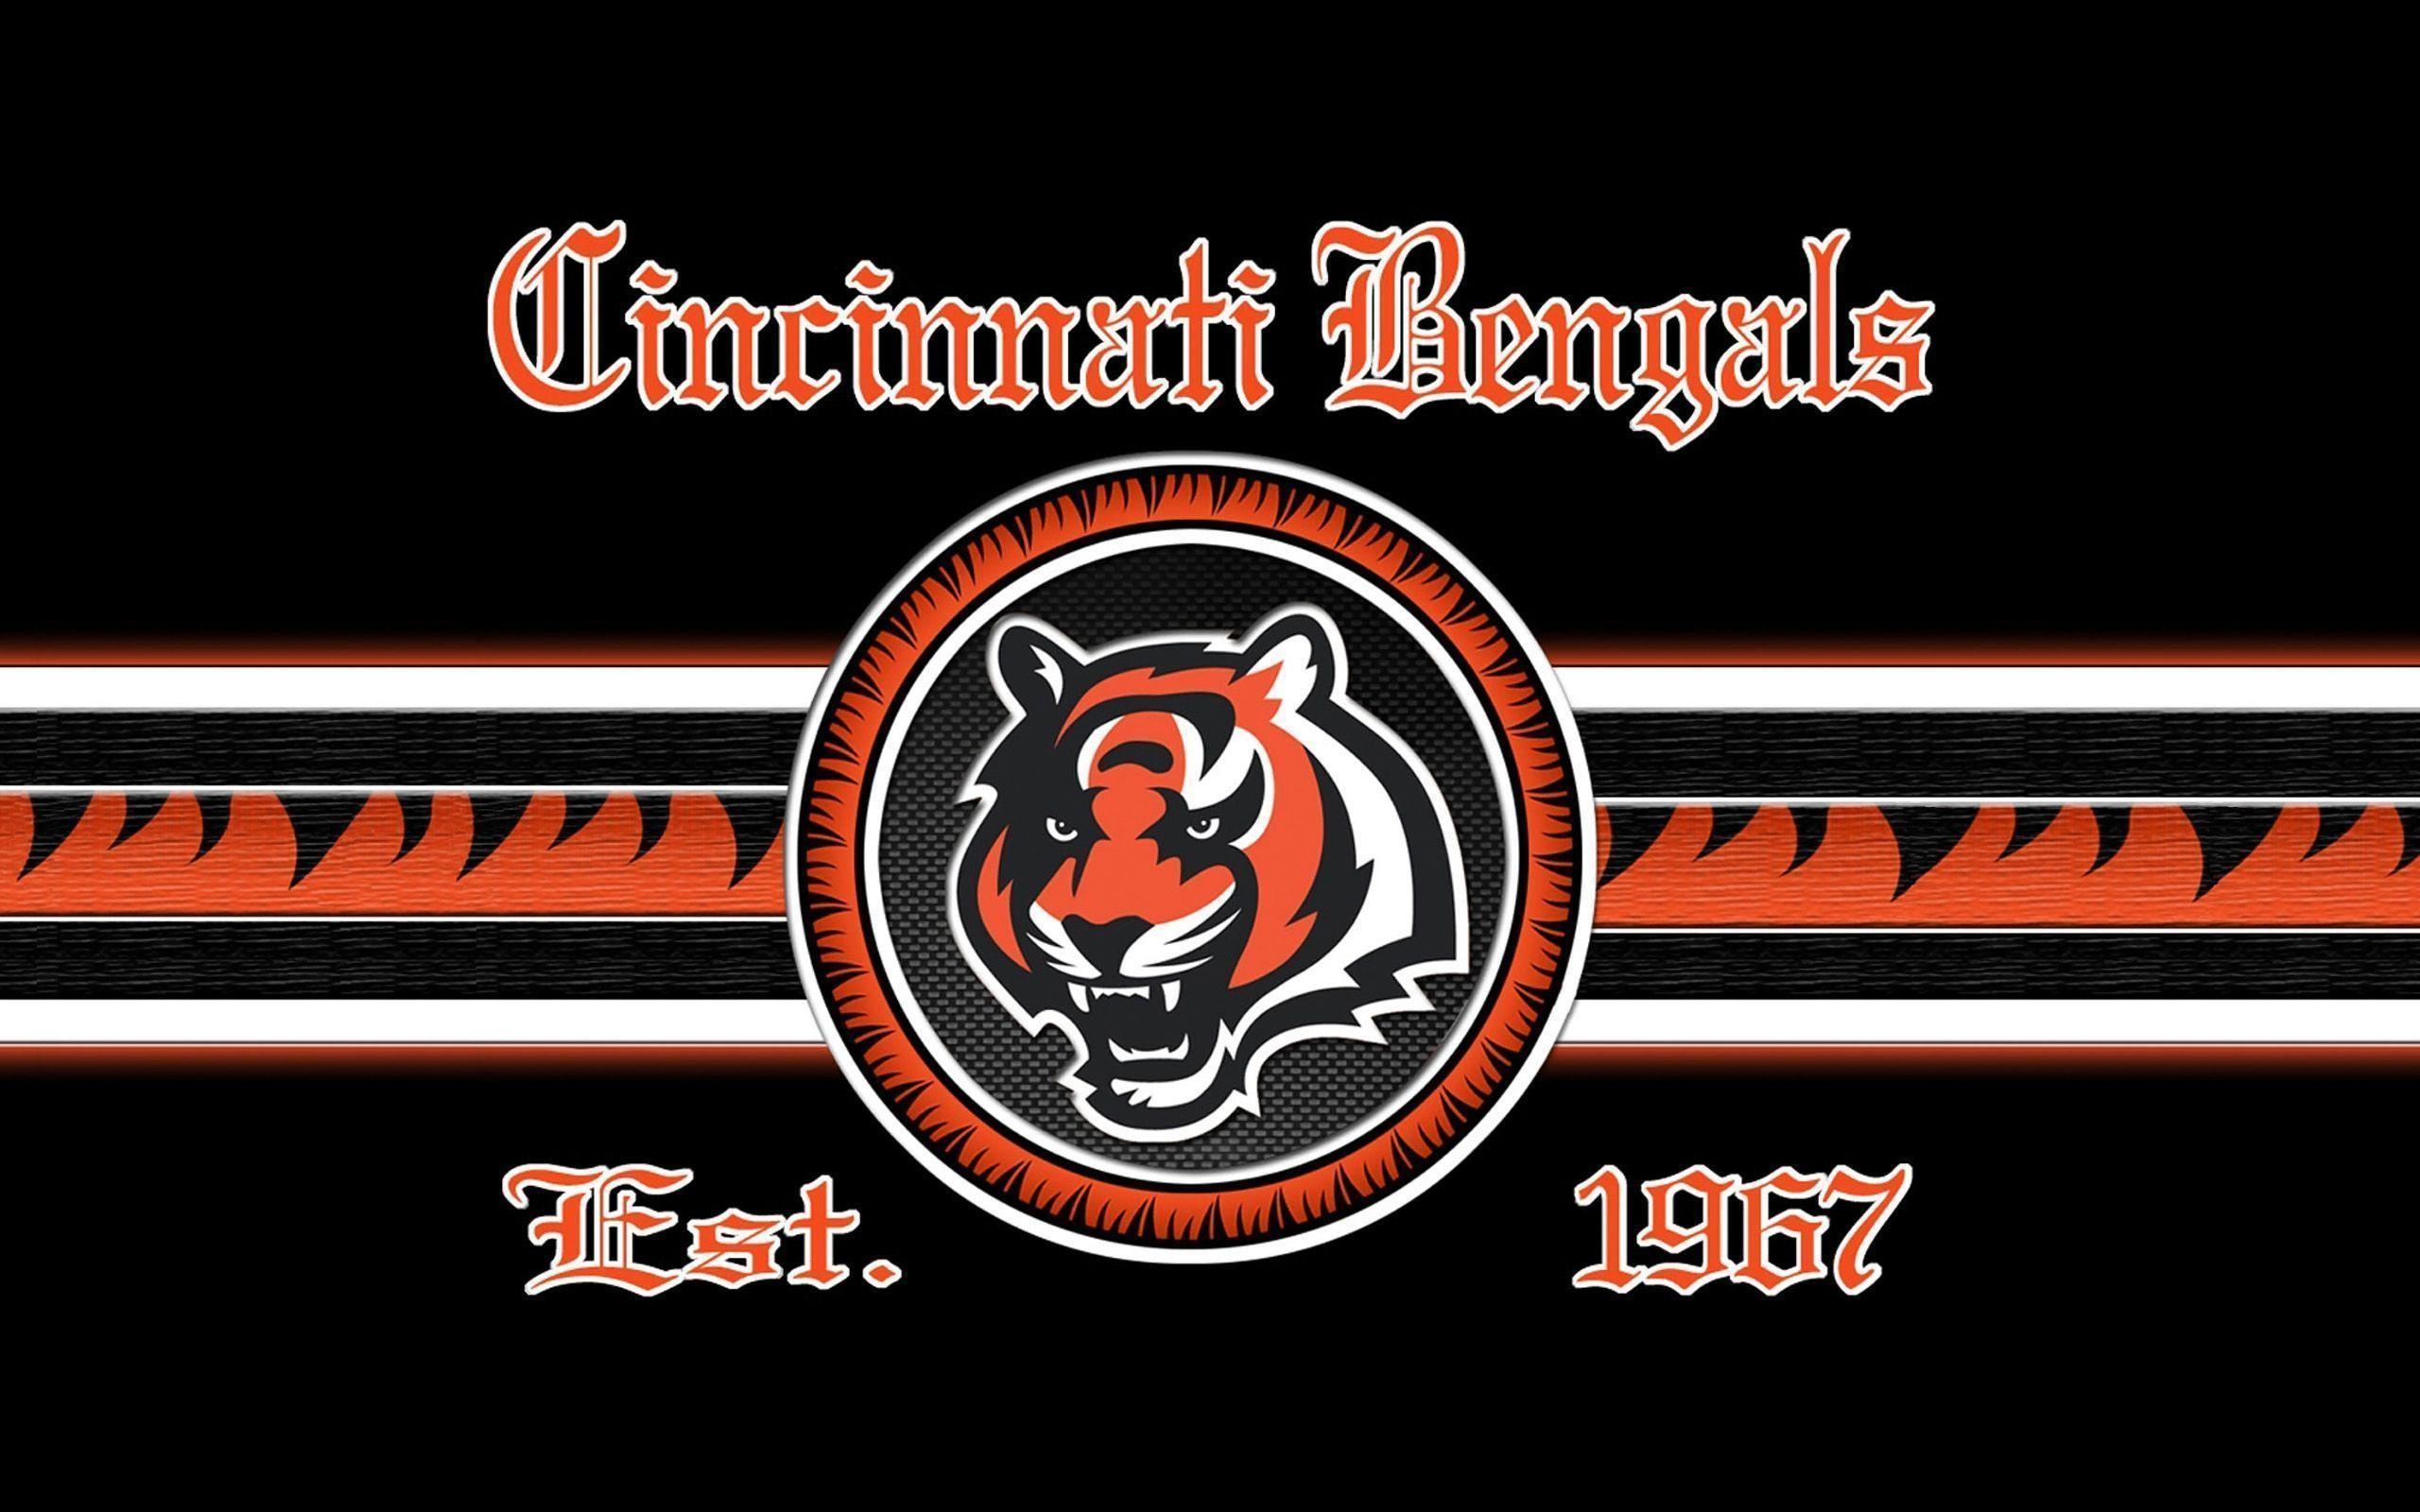 2014 Cincinnati Bengals NFL Logo Wallpaper Wide or HD | Sports .